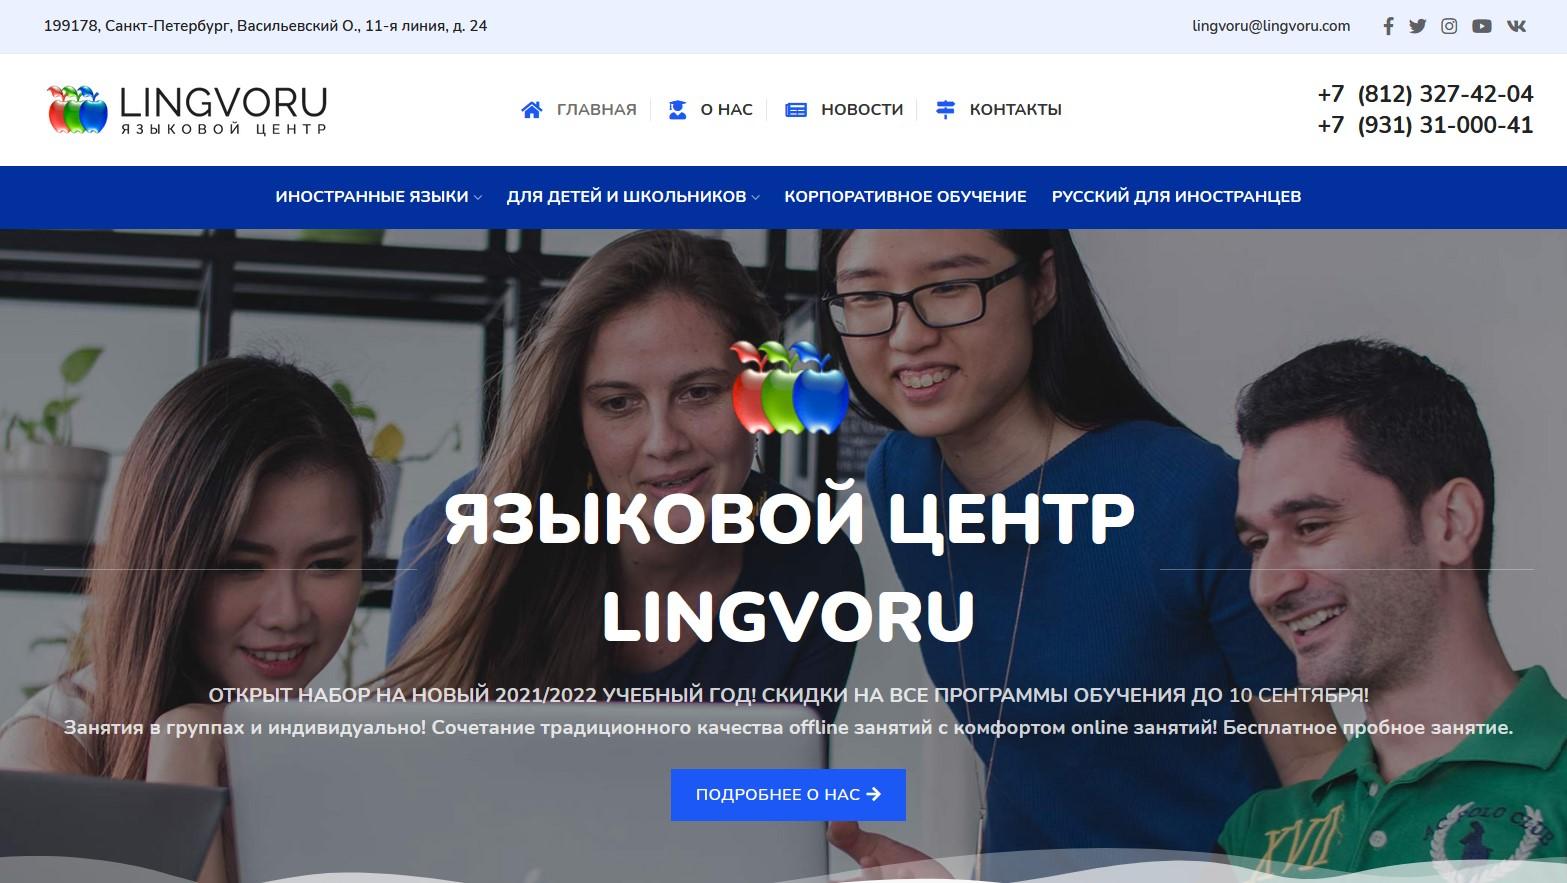 Редизайн и крупное обновление сайта